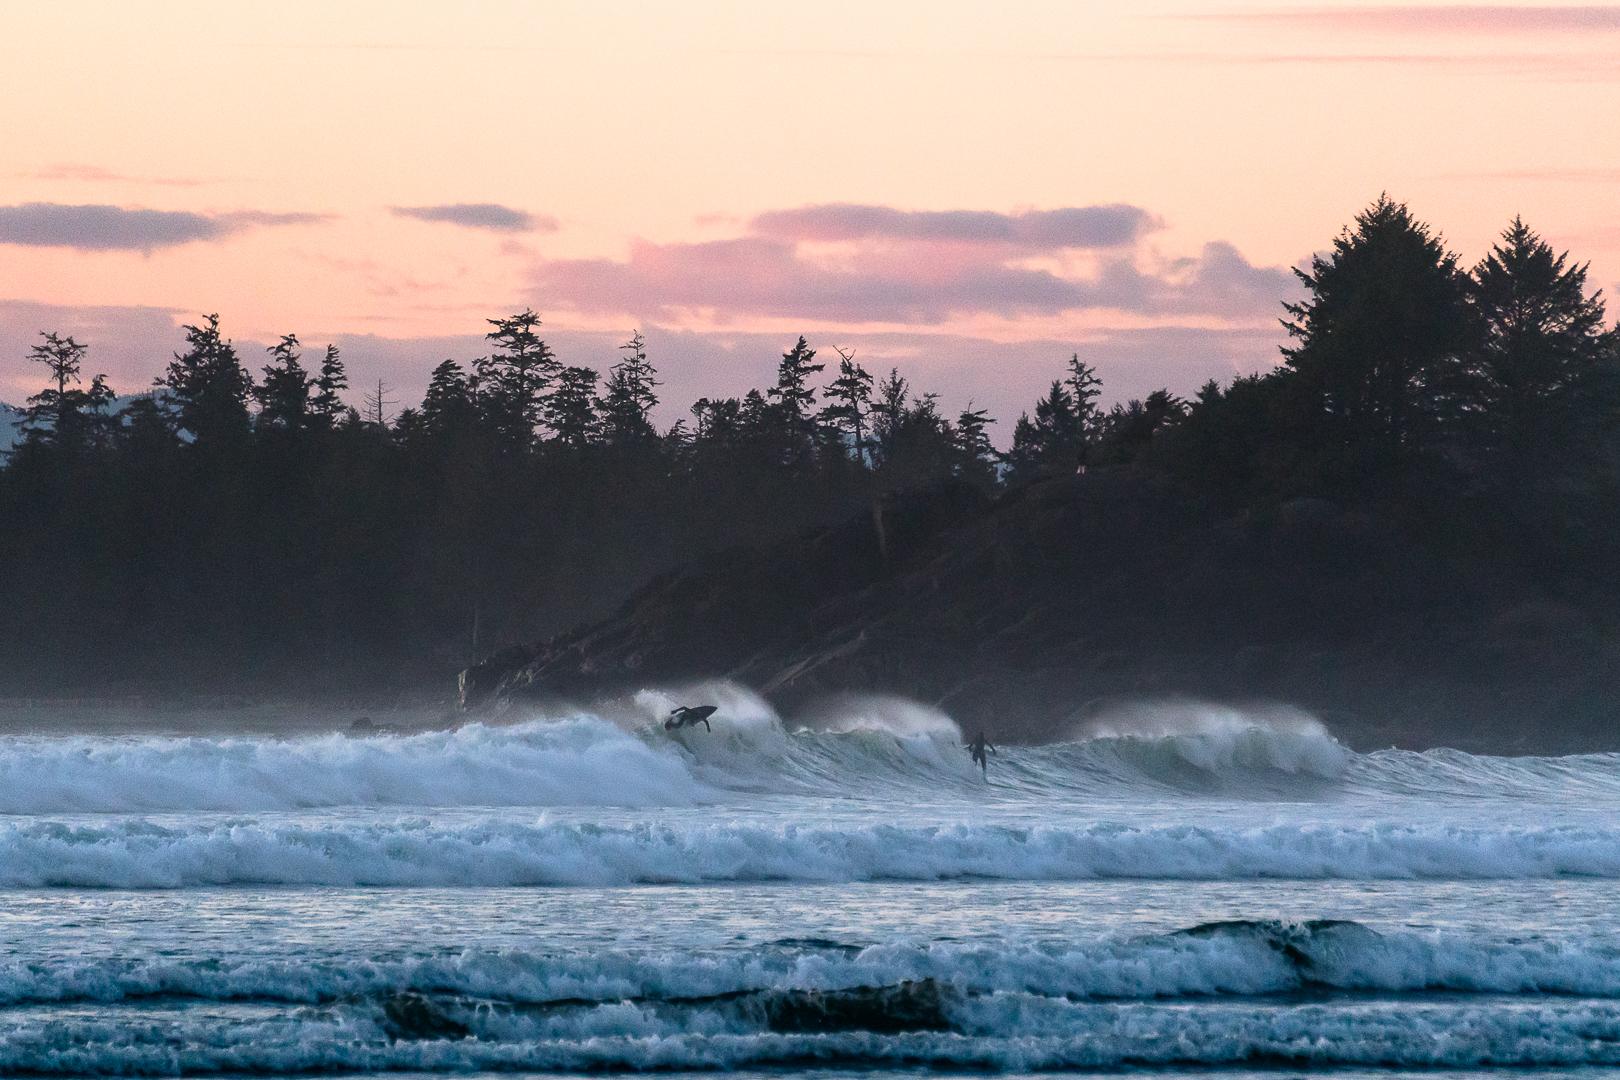 tofino-cox-bay-surfing-herron-00768.jpg